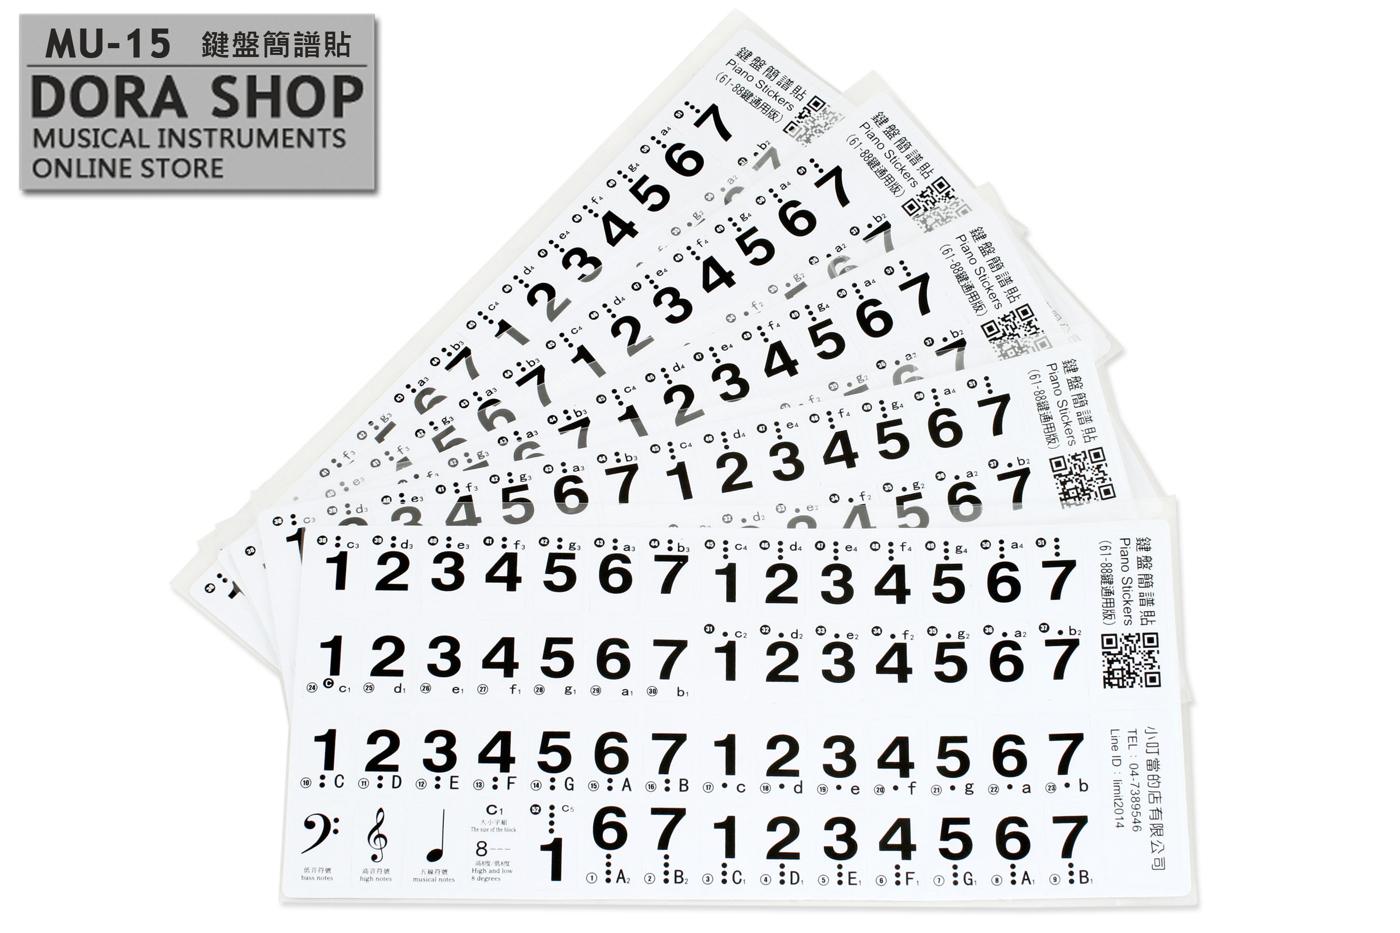 小叮噹的店- MU-15 鋼琴簡譜貼 .MUSINGS 鋼琴鍵盤數字 貼紙對照表